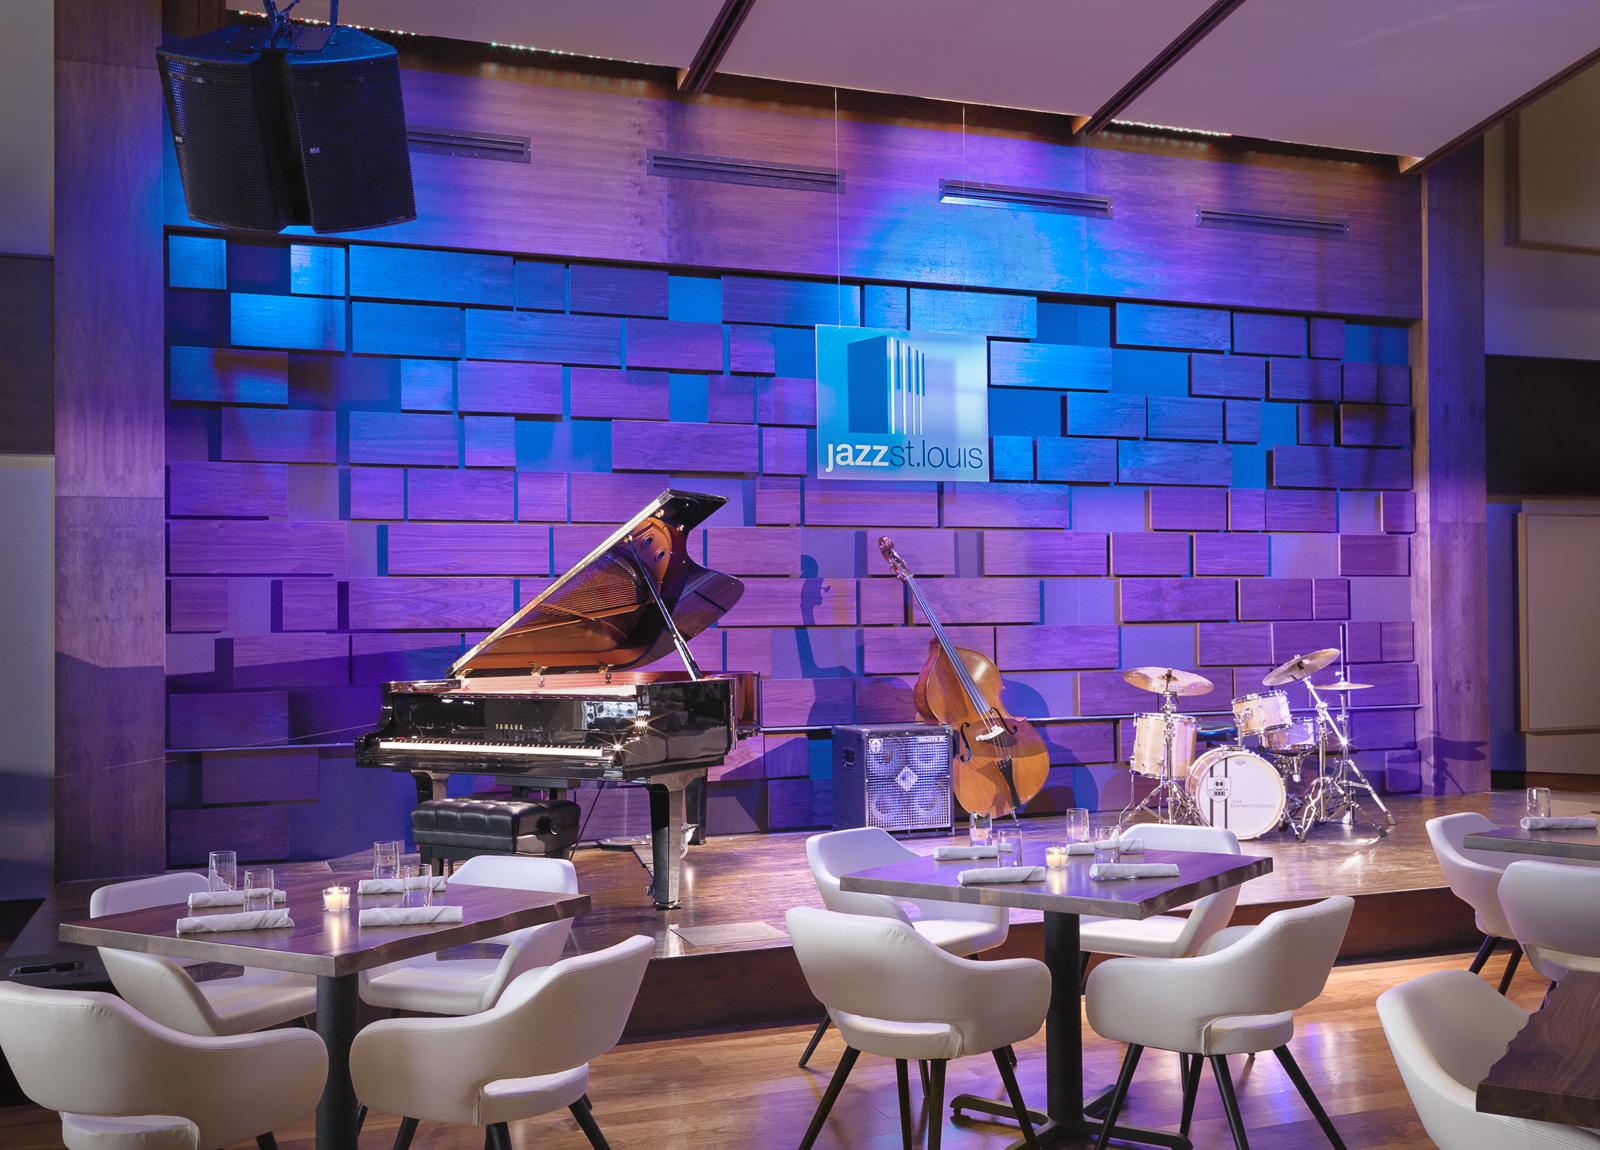 Jazz St. Louis - Center for Jazz